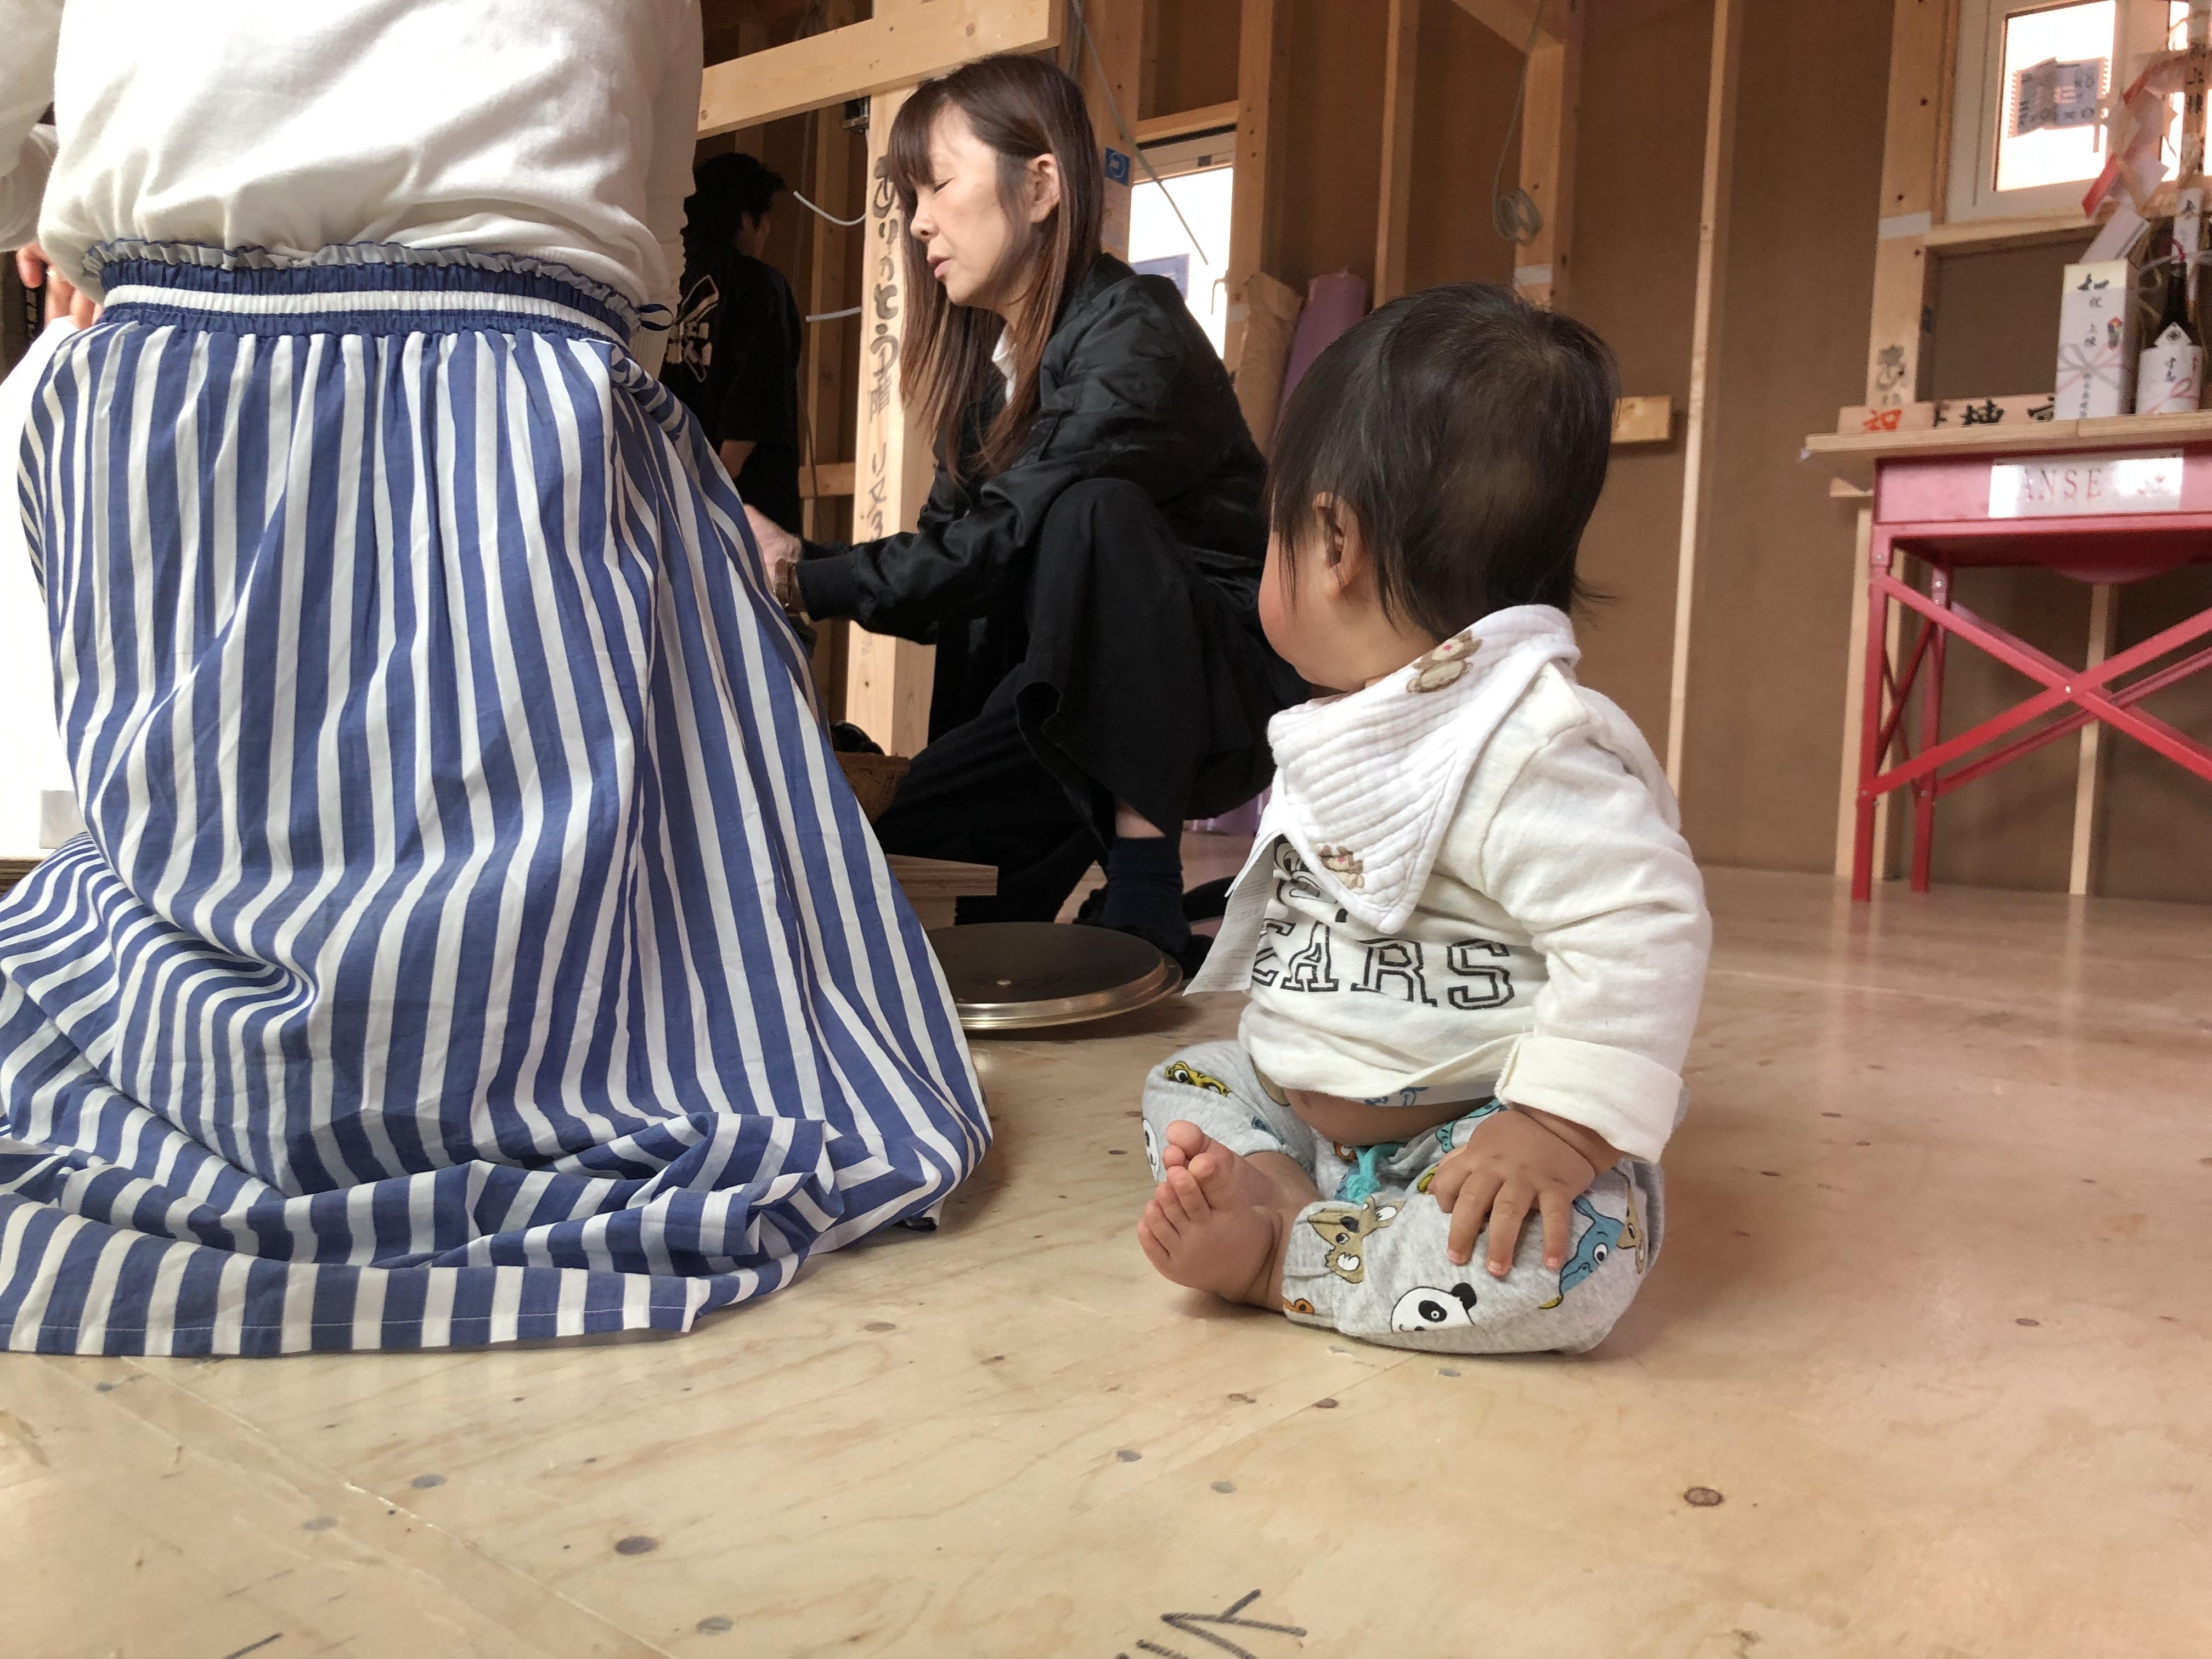 山梨県の工務店、未来建築工房とつくる注文住宅。|富士吉田市にて上棟式